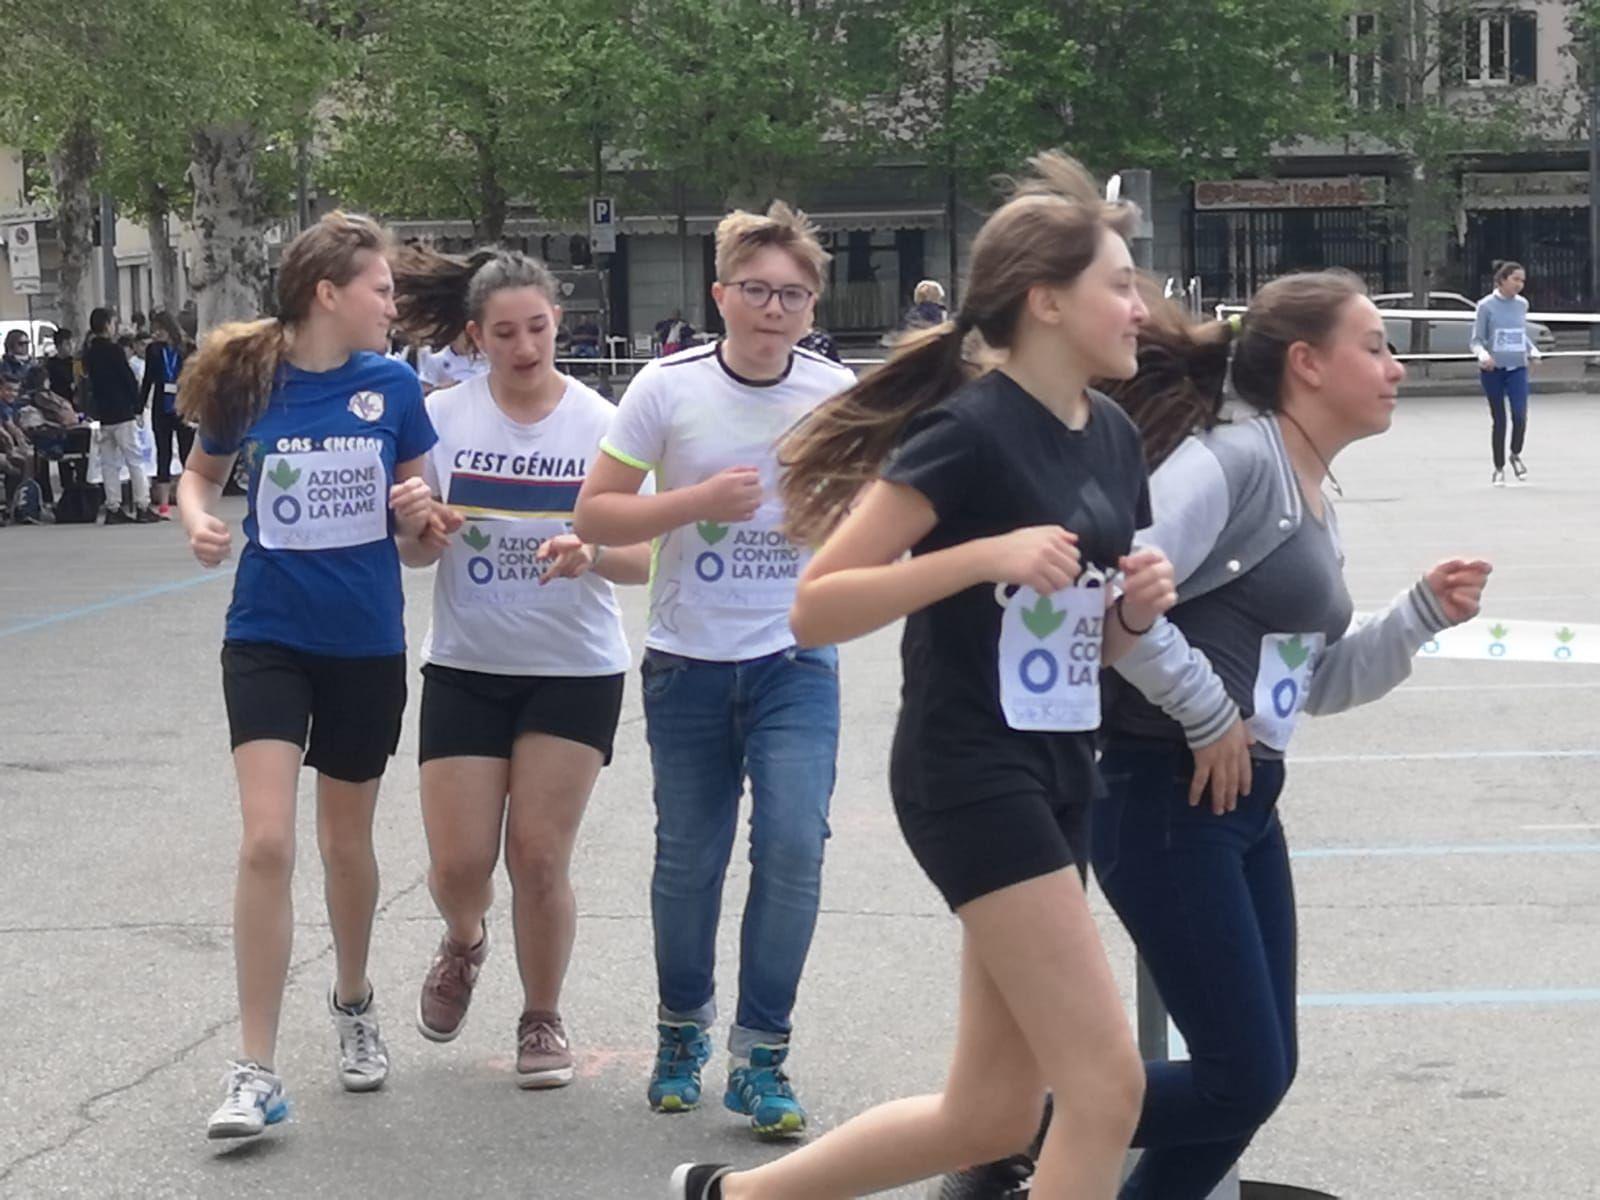 CUORGNE' - Studenti delle scuole medie di corsa contro la fame nel mondo - FOTO